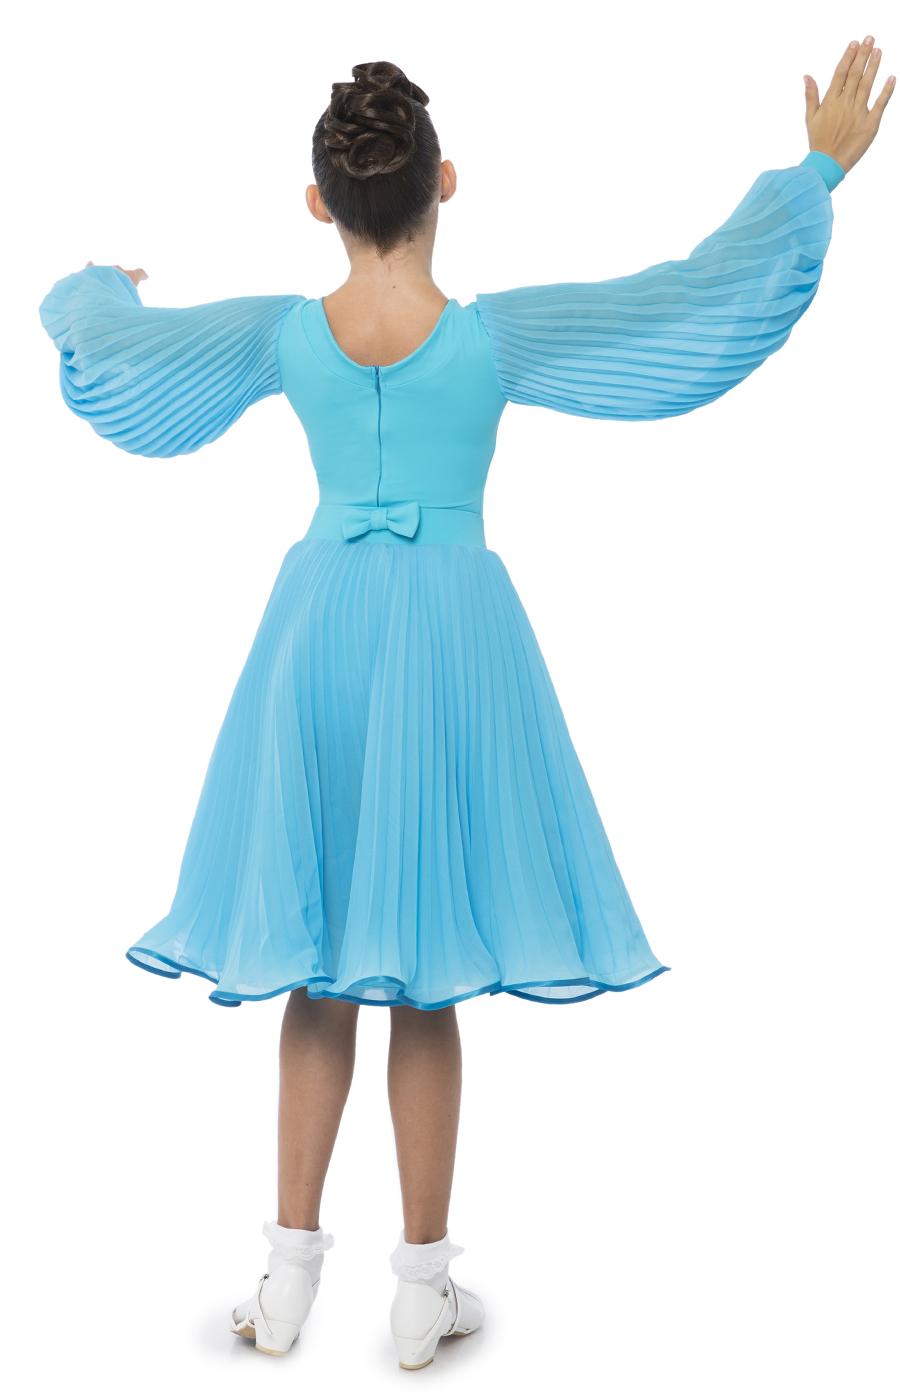 Lana Juvenile dress